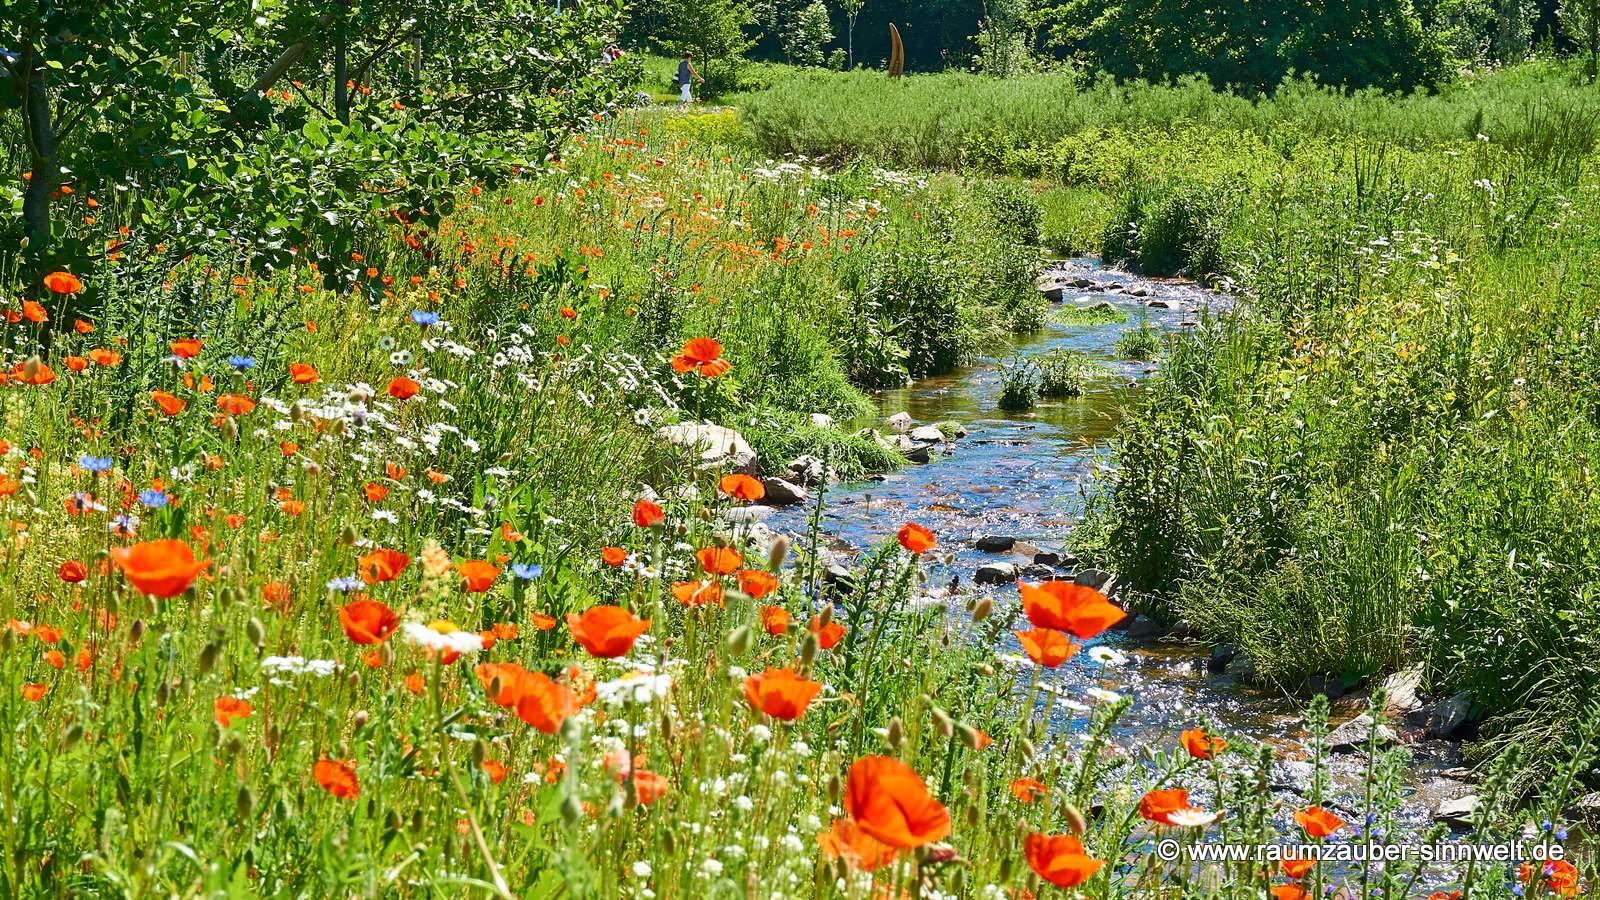 Herrliche Wildblütenwiese im Mühlbachtal - ein Paradies für Bienen und Insekten